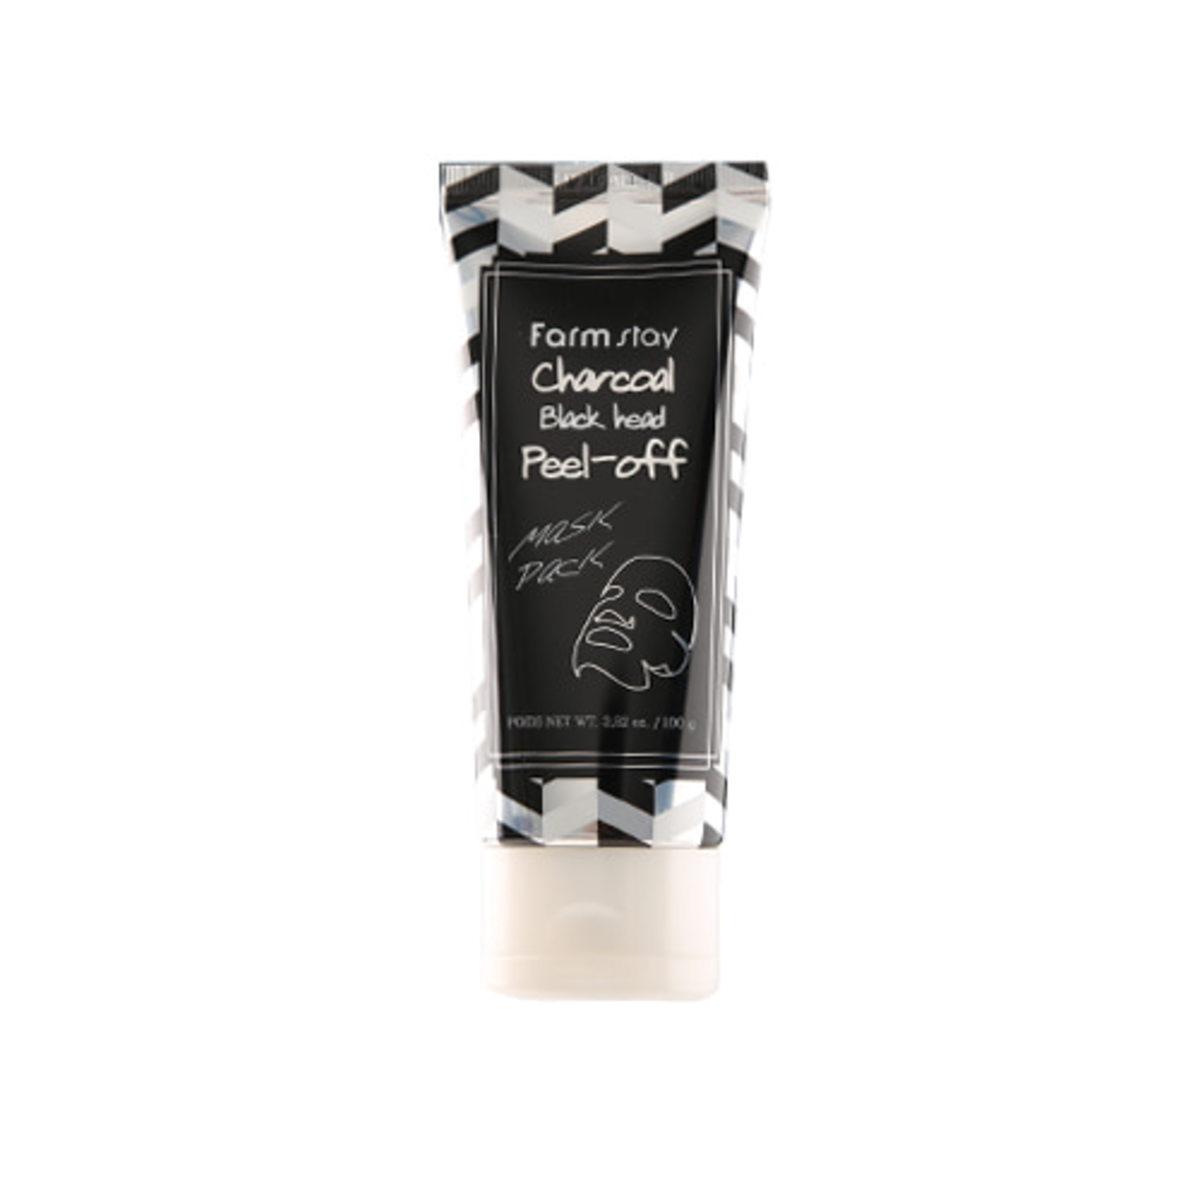 Charcoal Blackhead Peel-Off Mask Pack 100g (ref:77241)